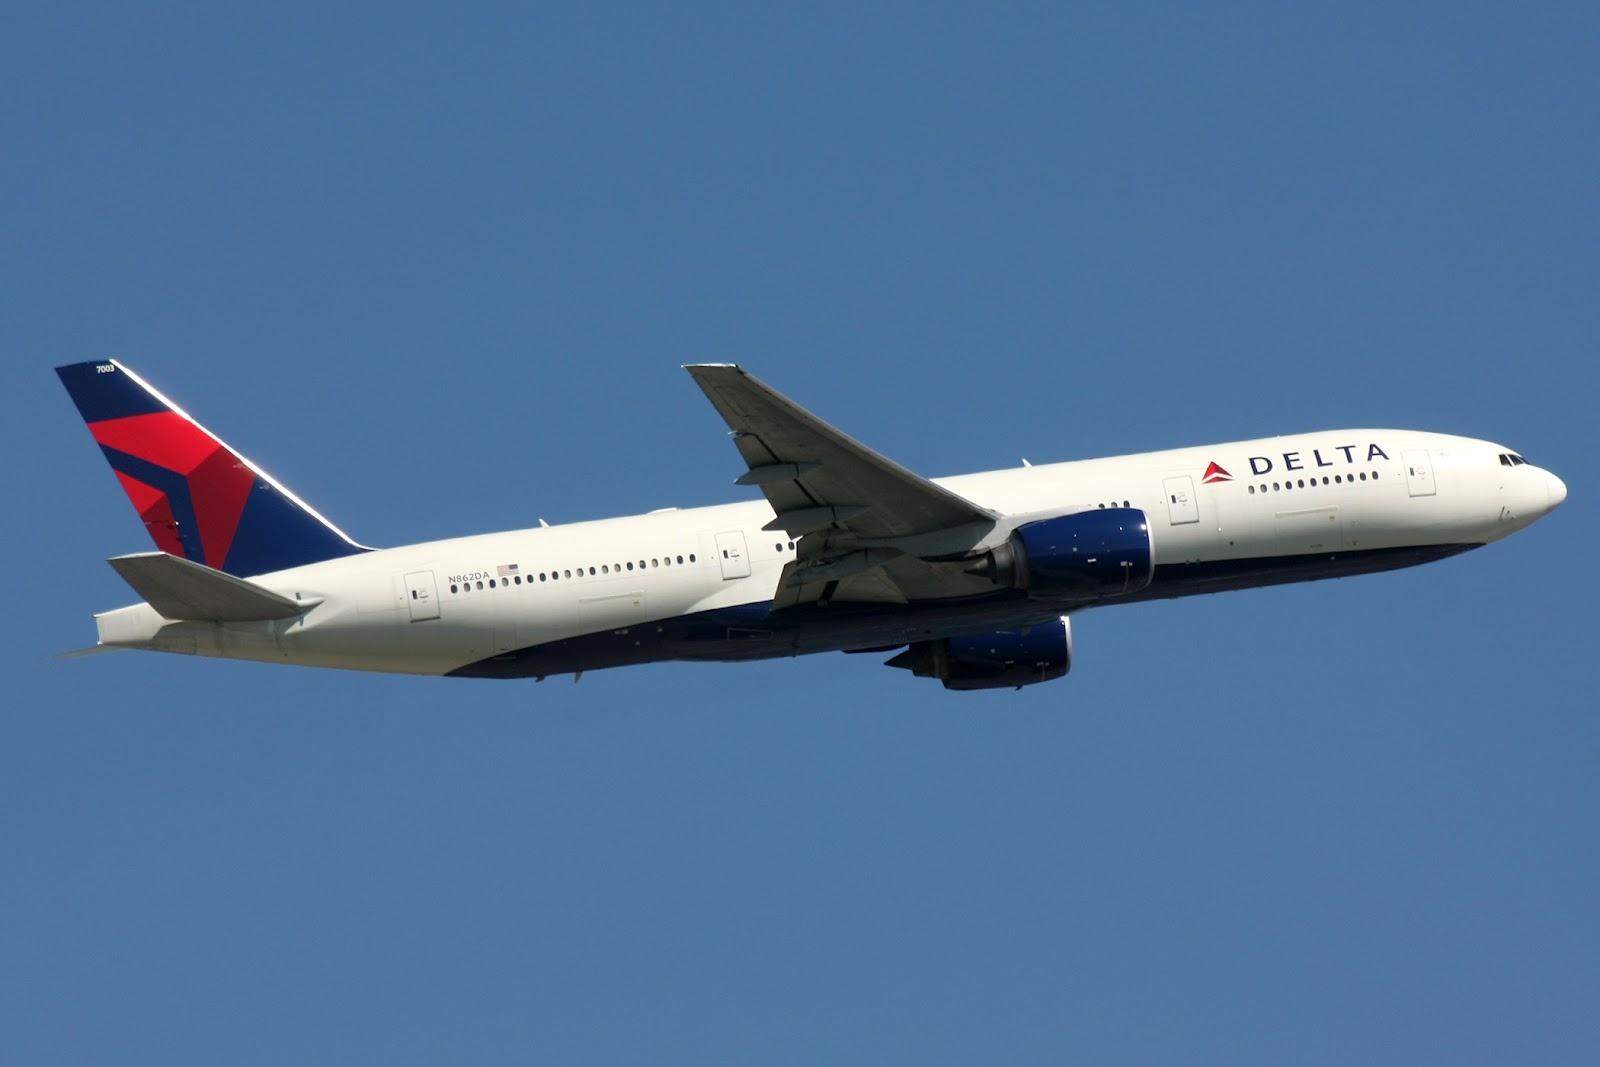 http://3.bp.blogspot.com/-dvcJC3Q3VpY/UCaHG32FMJI/AAAAAAAALB8/czATVj6Ah9k/s1600/boeing_777-200_delta_airlines.jpg